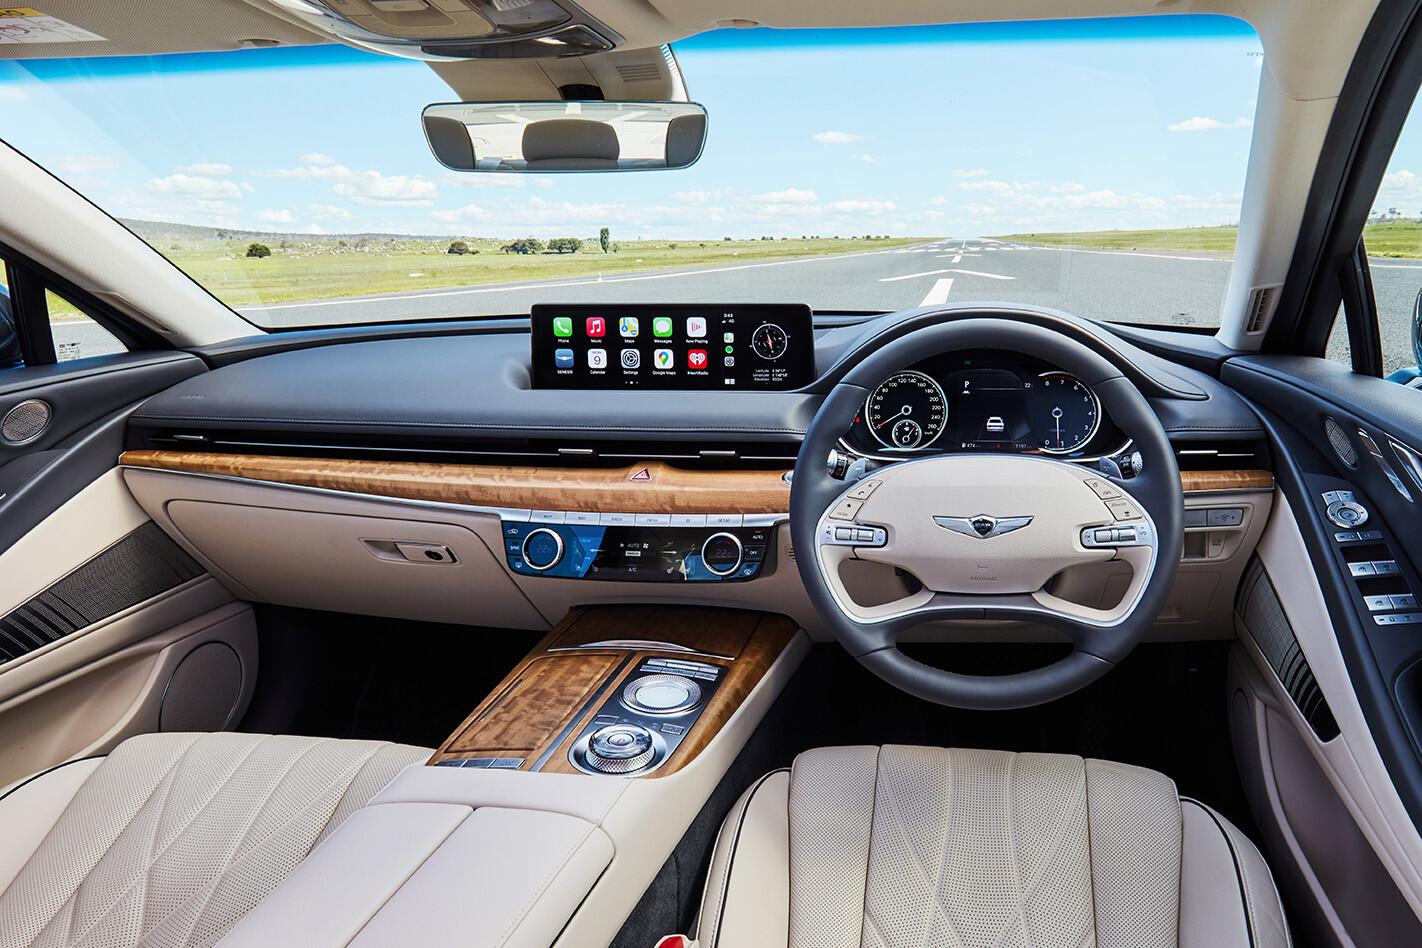 Genesis G80 2.5T interior